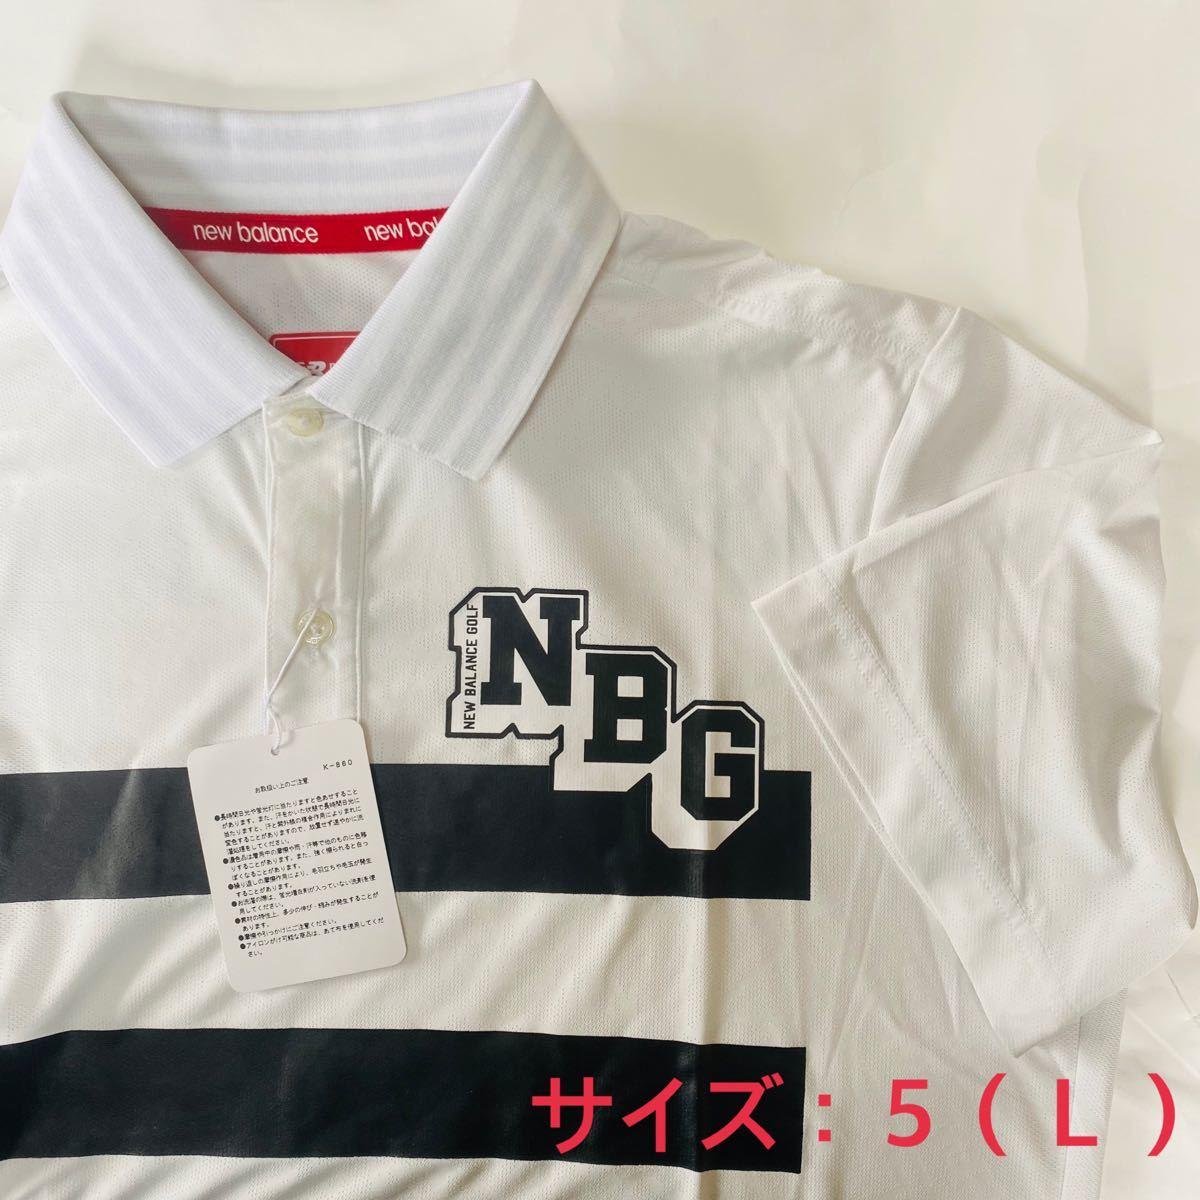 【新品、未使用】ニューバランスゴルフ ポロシャツ メンズ サイズ:5(L)